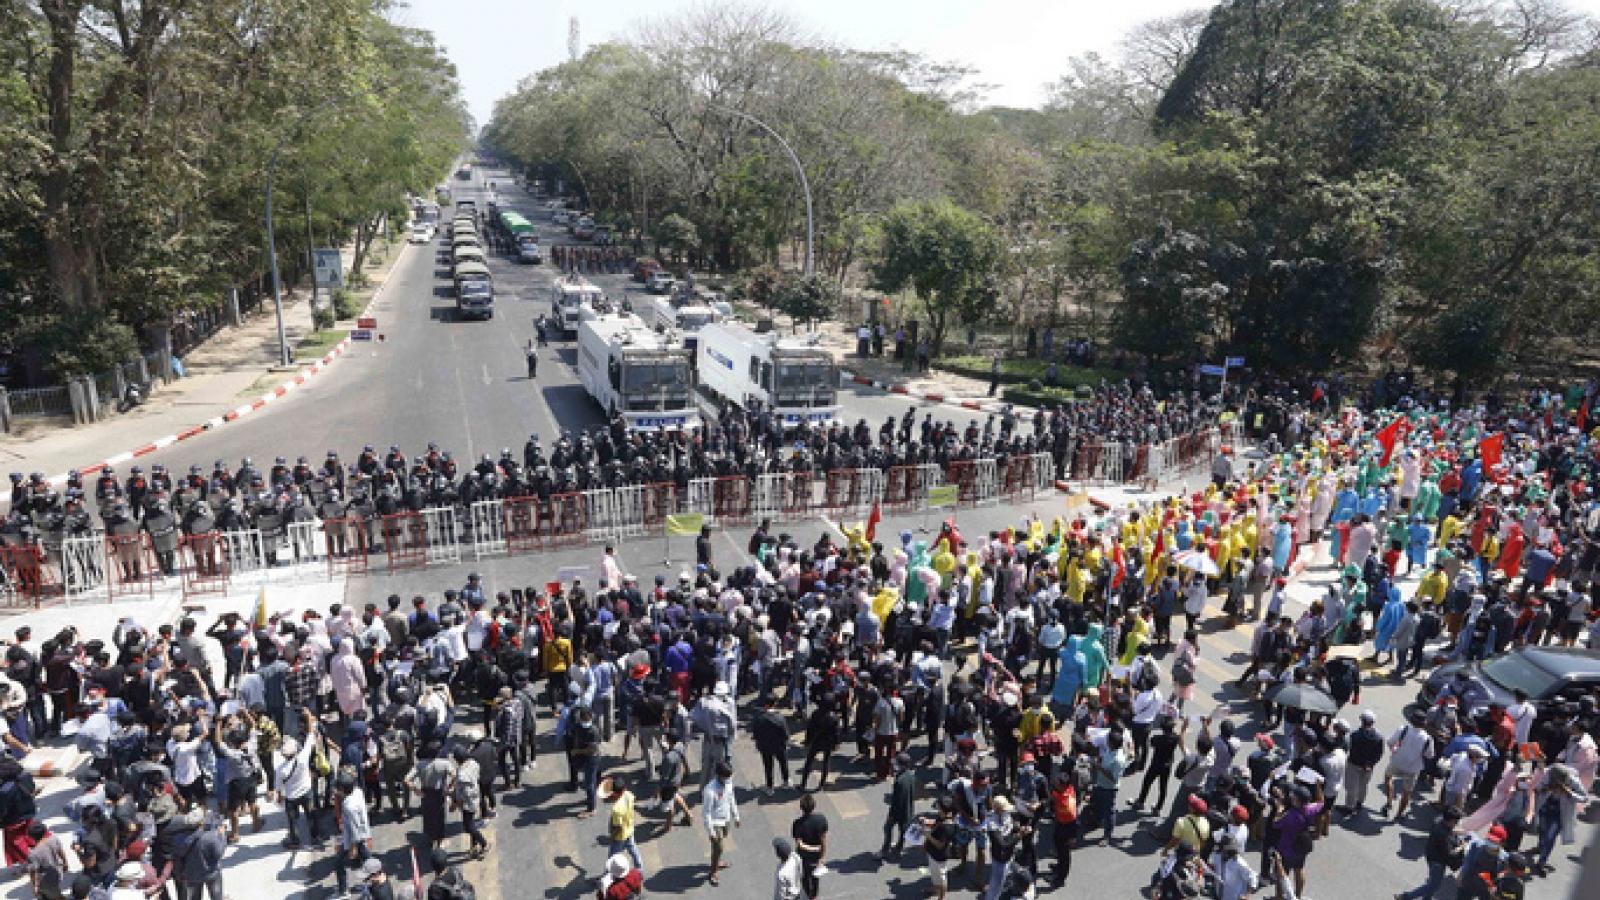 Mỹ và đồng minh trừng phạt các quan chức cấp cao của chính quyền quân sự Myanmar